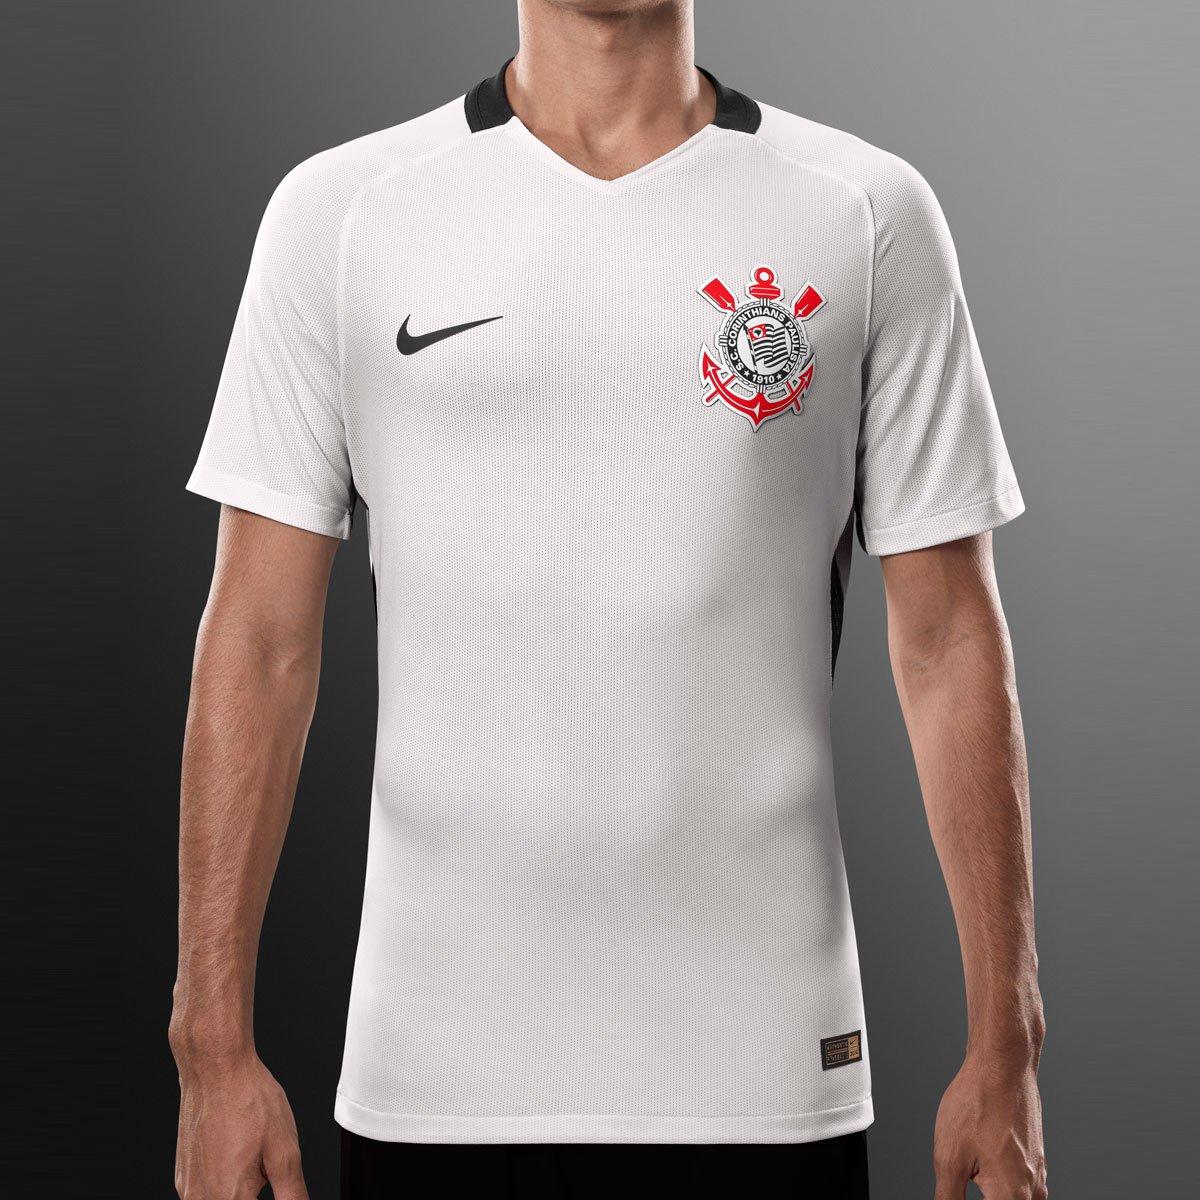 d60b91fafc Camisa Corinthians I 2016 s nº - Jogador Nike Masculina - Compre Agora